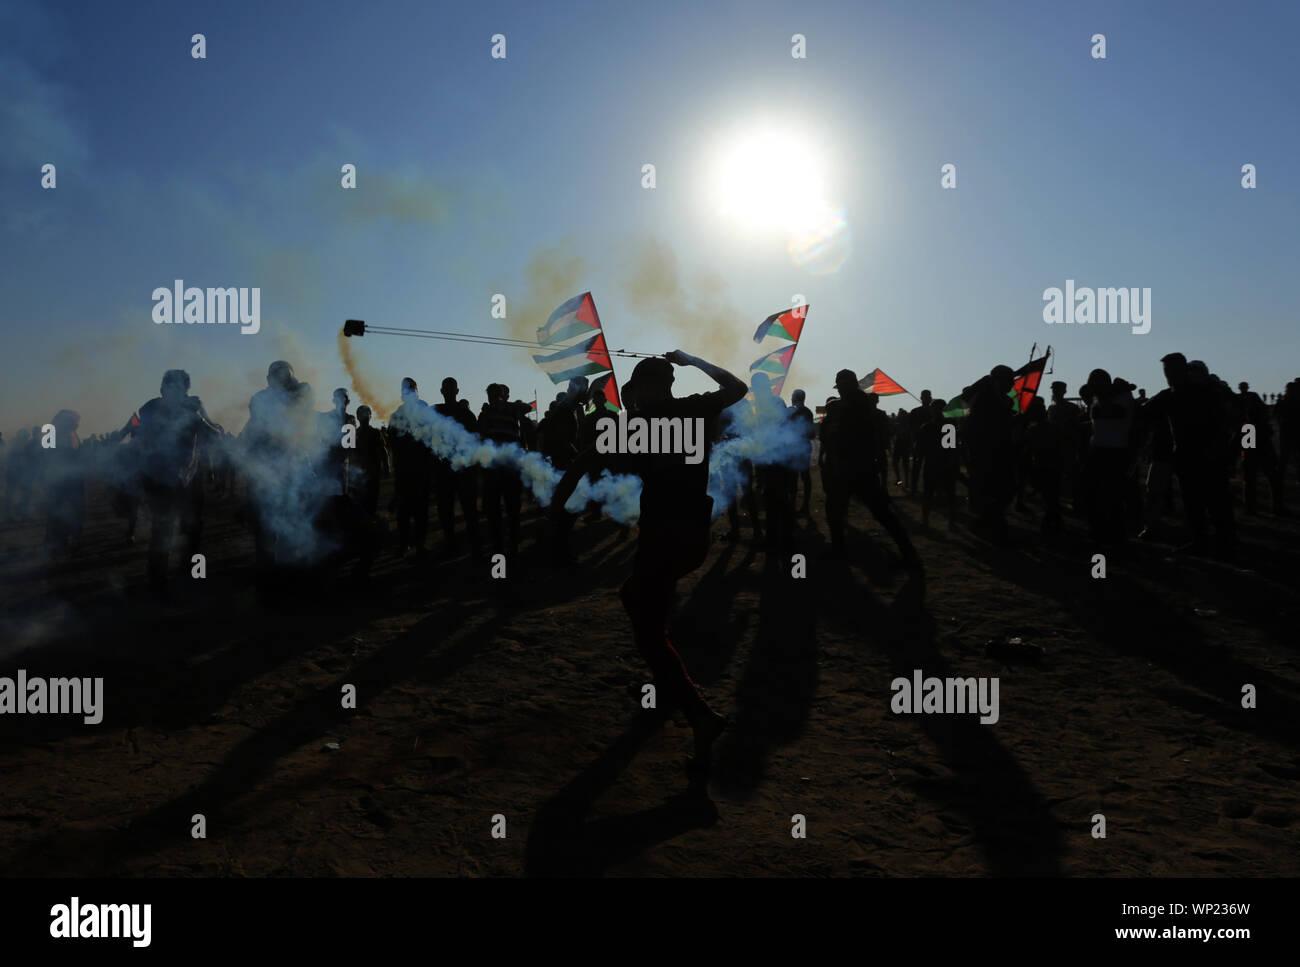 Gaza, Palestina. 06 Sep, 2019. Un manifestante palestino utiliza un tirachinas a tira piedras durante una manifestación anti-Israel en la Israel-Gaza valla fronteriza en el sur de la Franja de Gaza. Crédito: Sopa de imágenes limitado/Alamy Live News Foto de stock